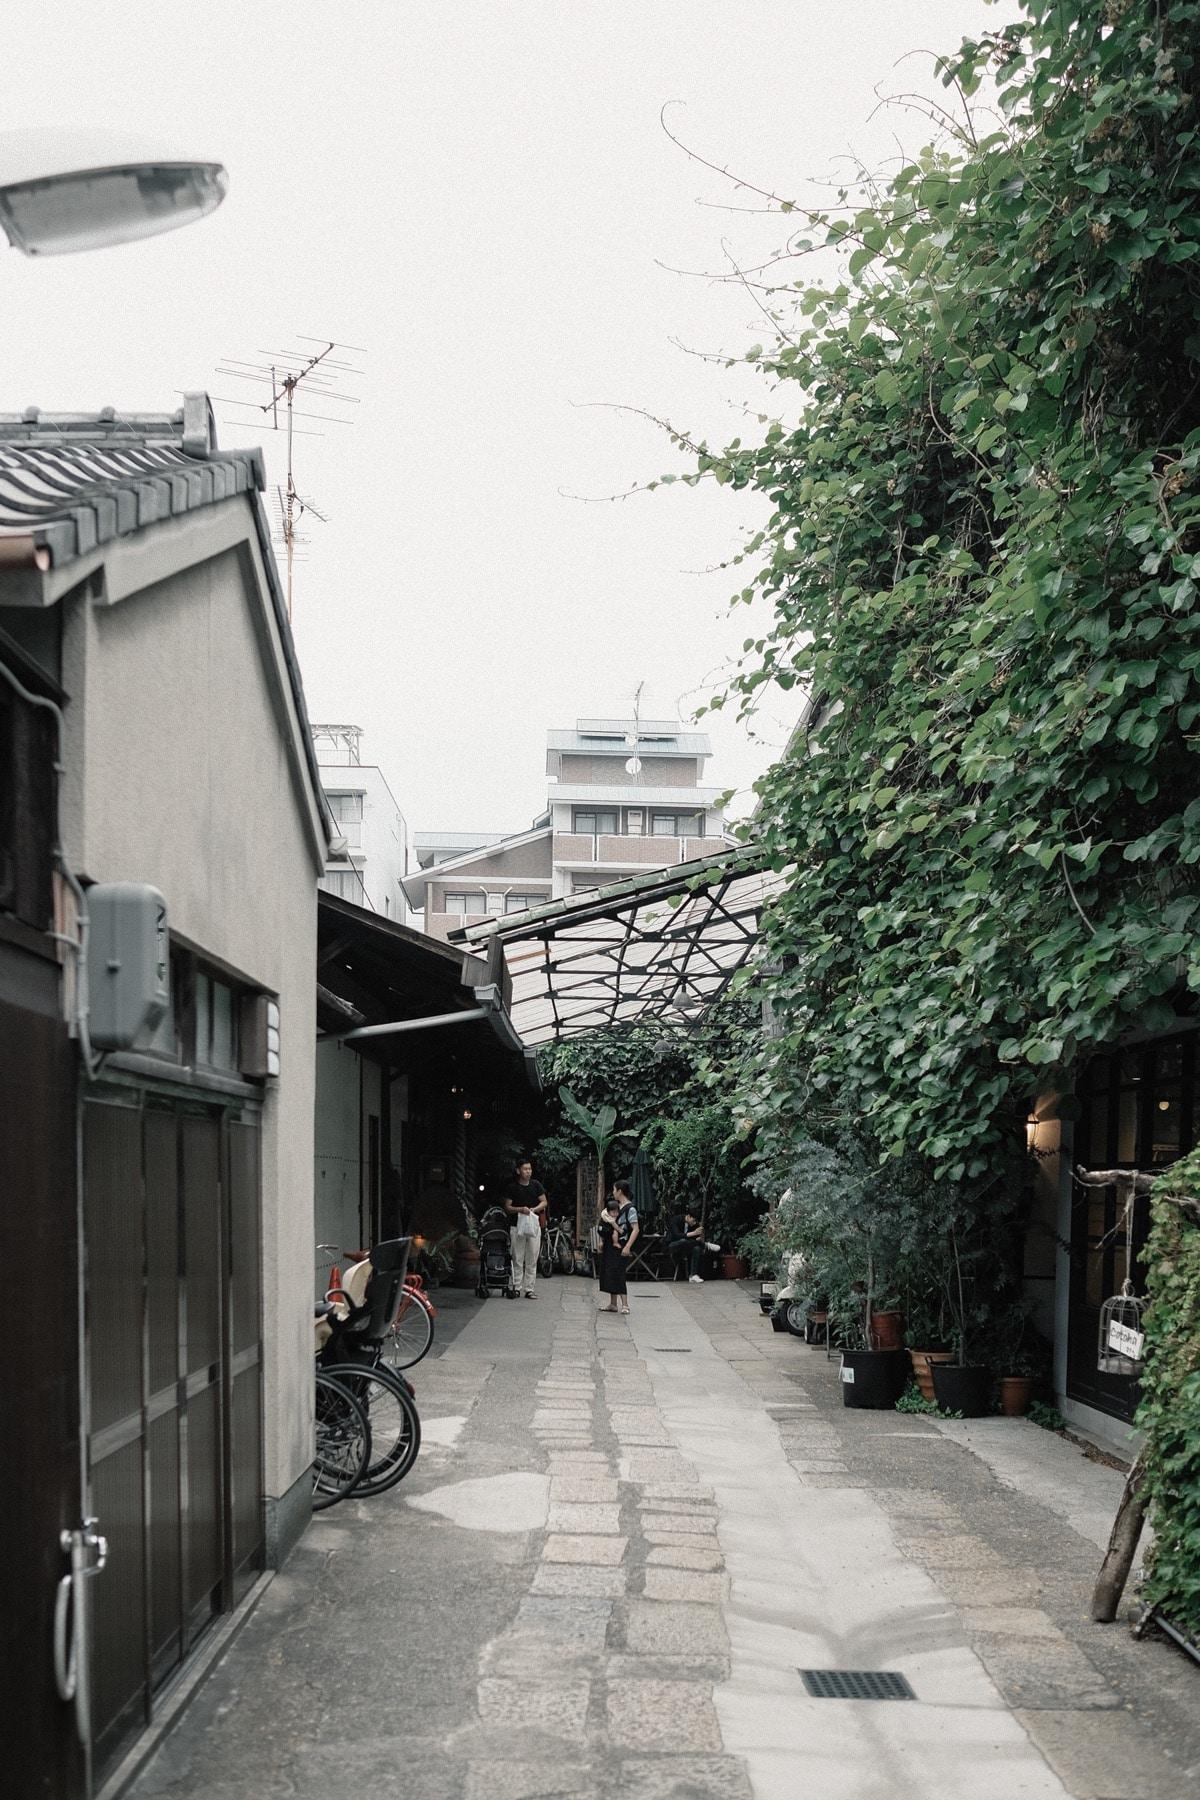 Kinlake-Kyoto-Lifestyle-2018-8690